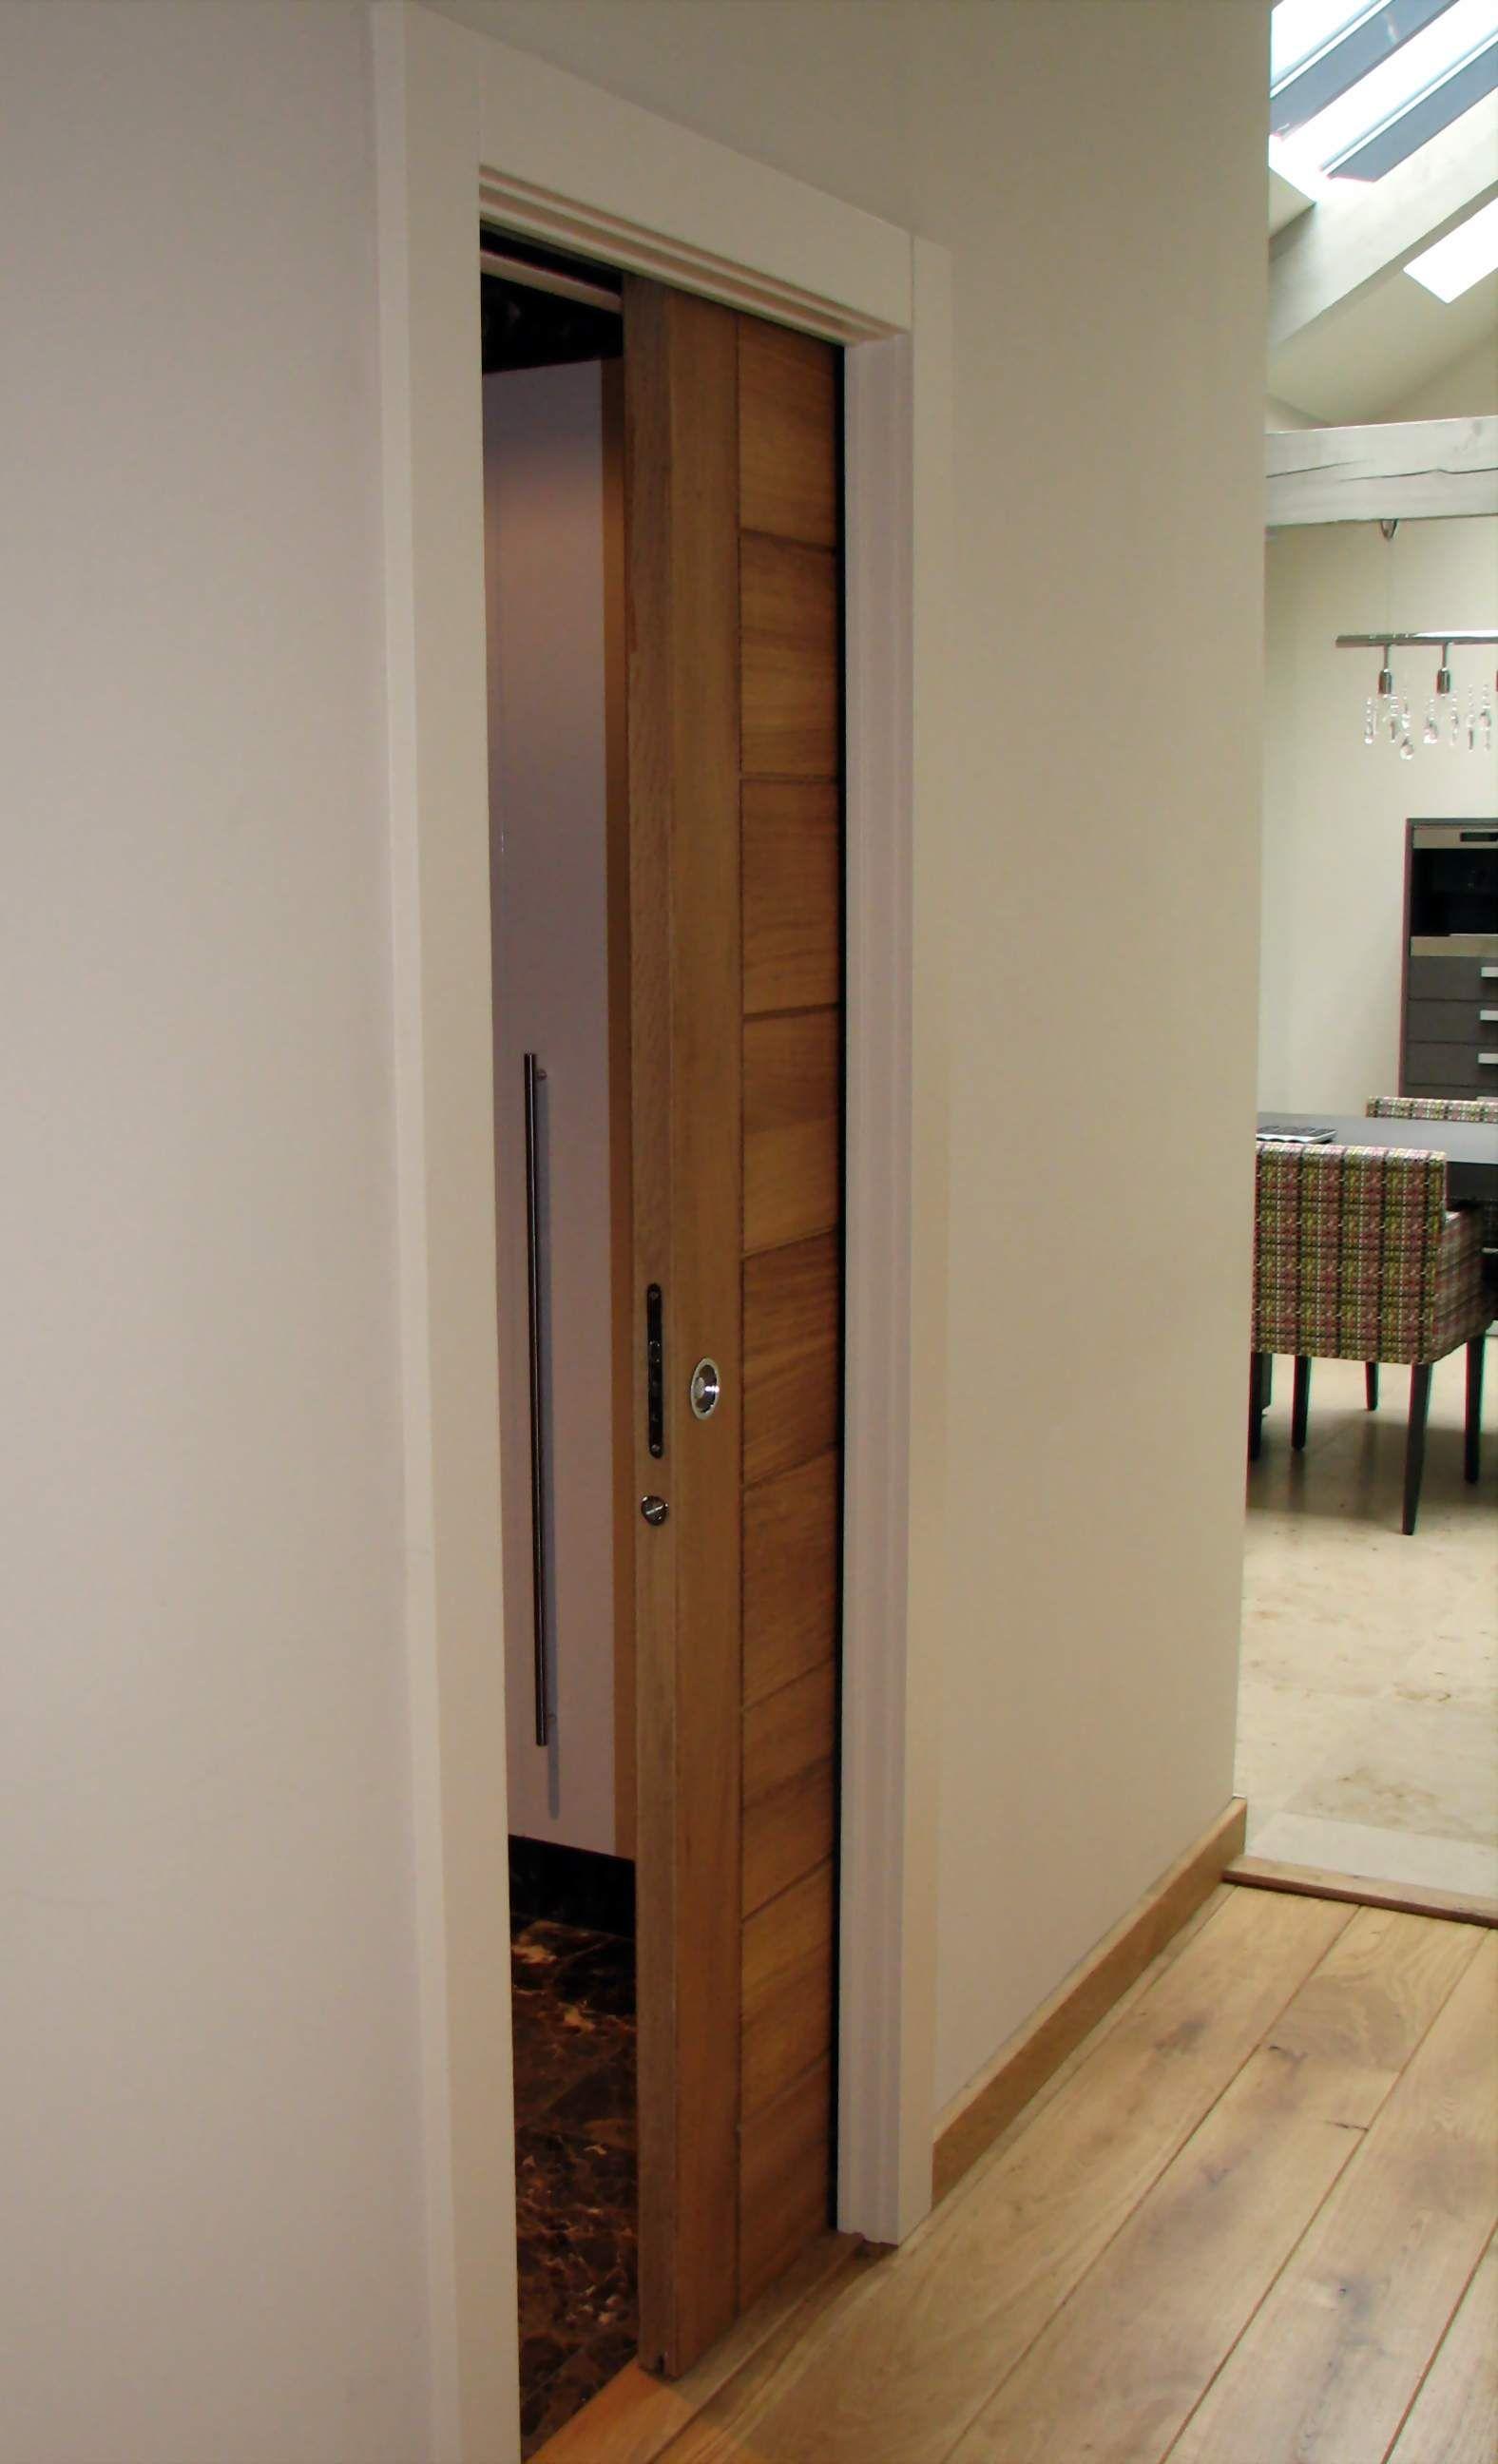 pocket door remodel on 14 best pocket door frame ideas pocket doors pocket door installation pocket door frame pocket door frame ideas pocket doors